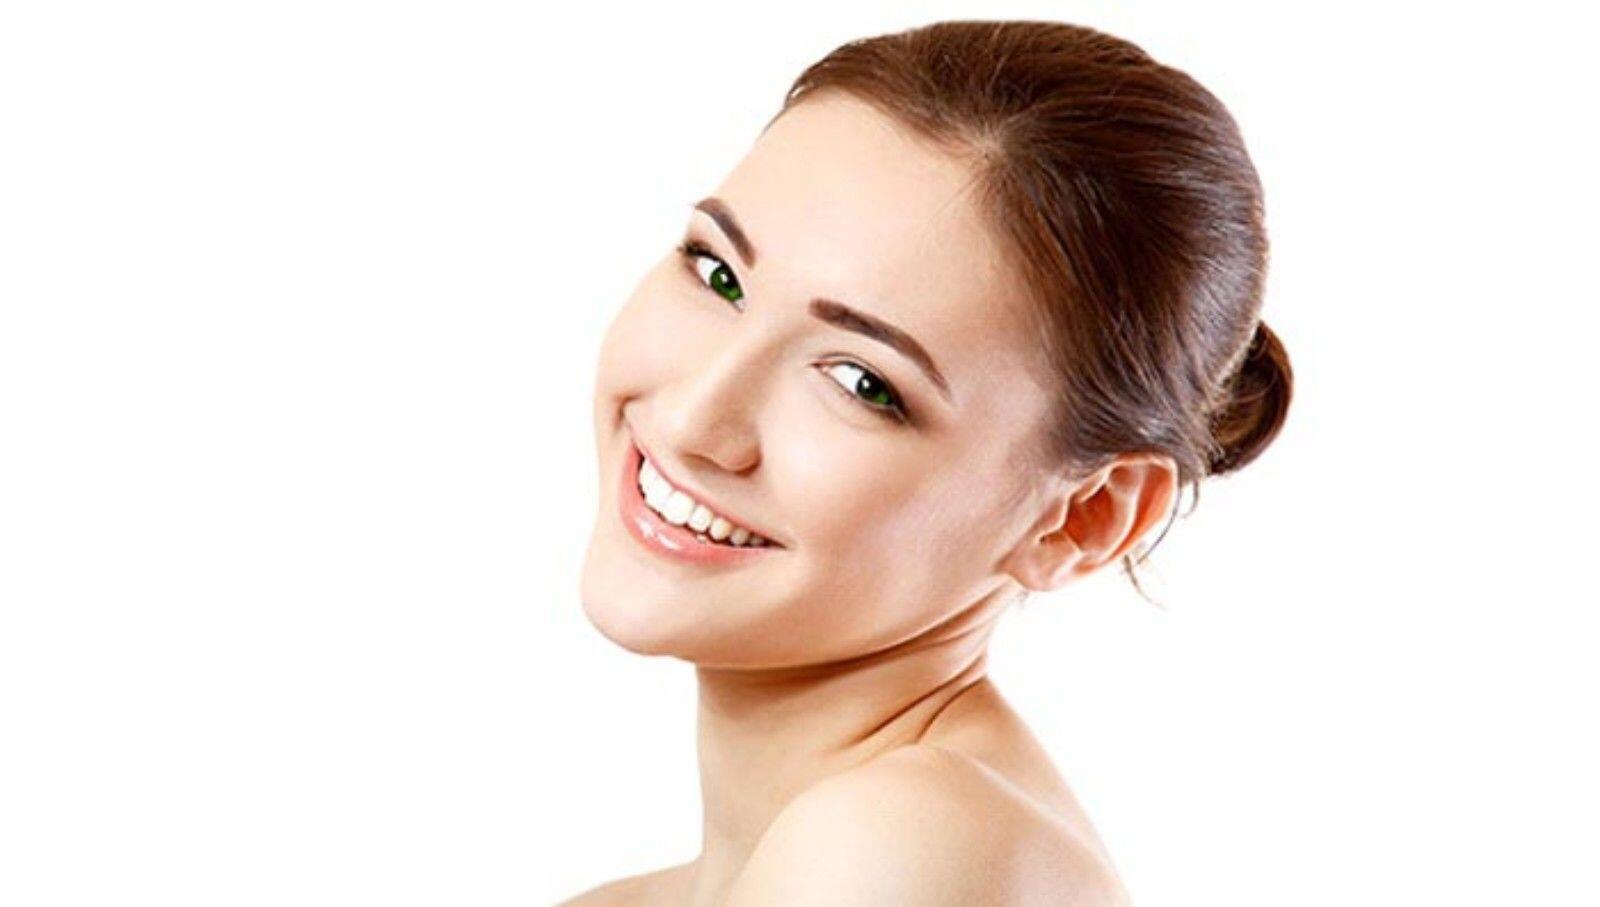 Jangan Dibuang Dulu, Ini 5 Manfaat Kulit Pisang untuk Kecantikan